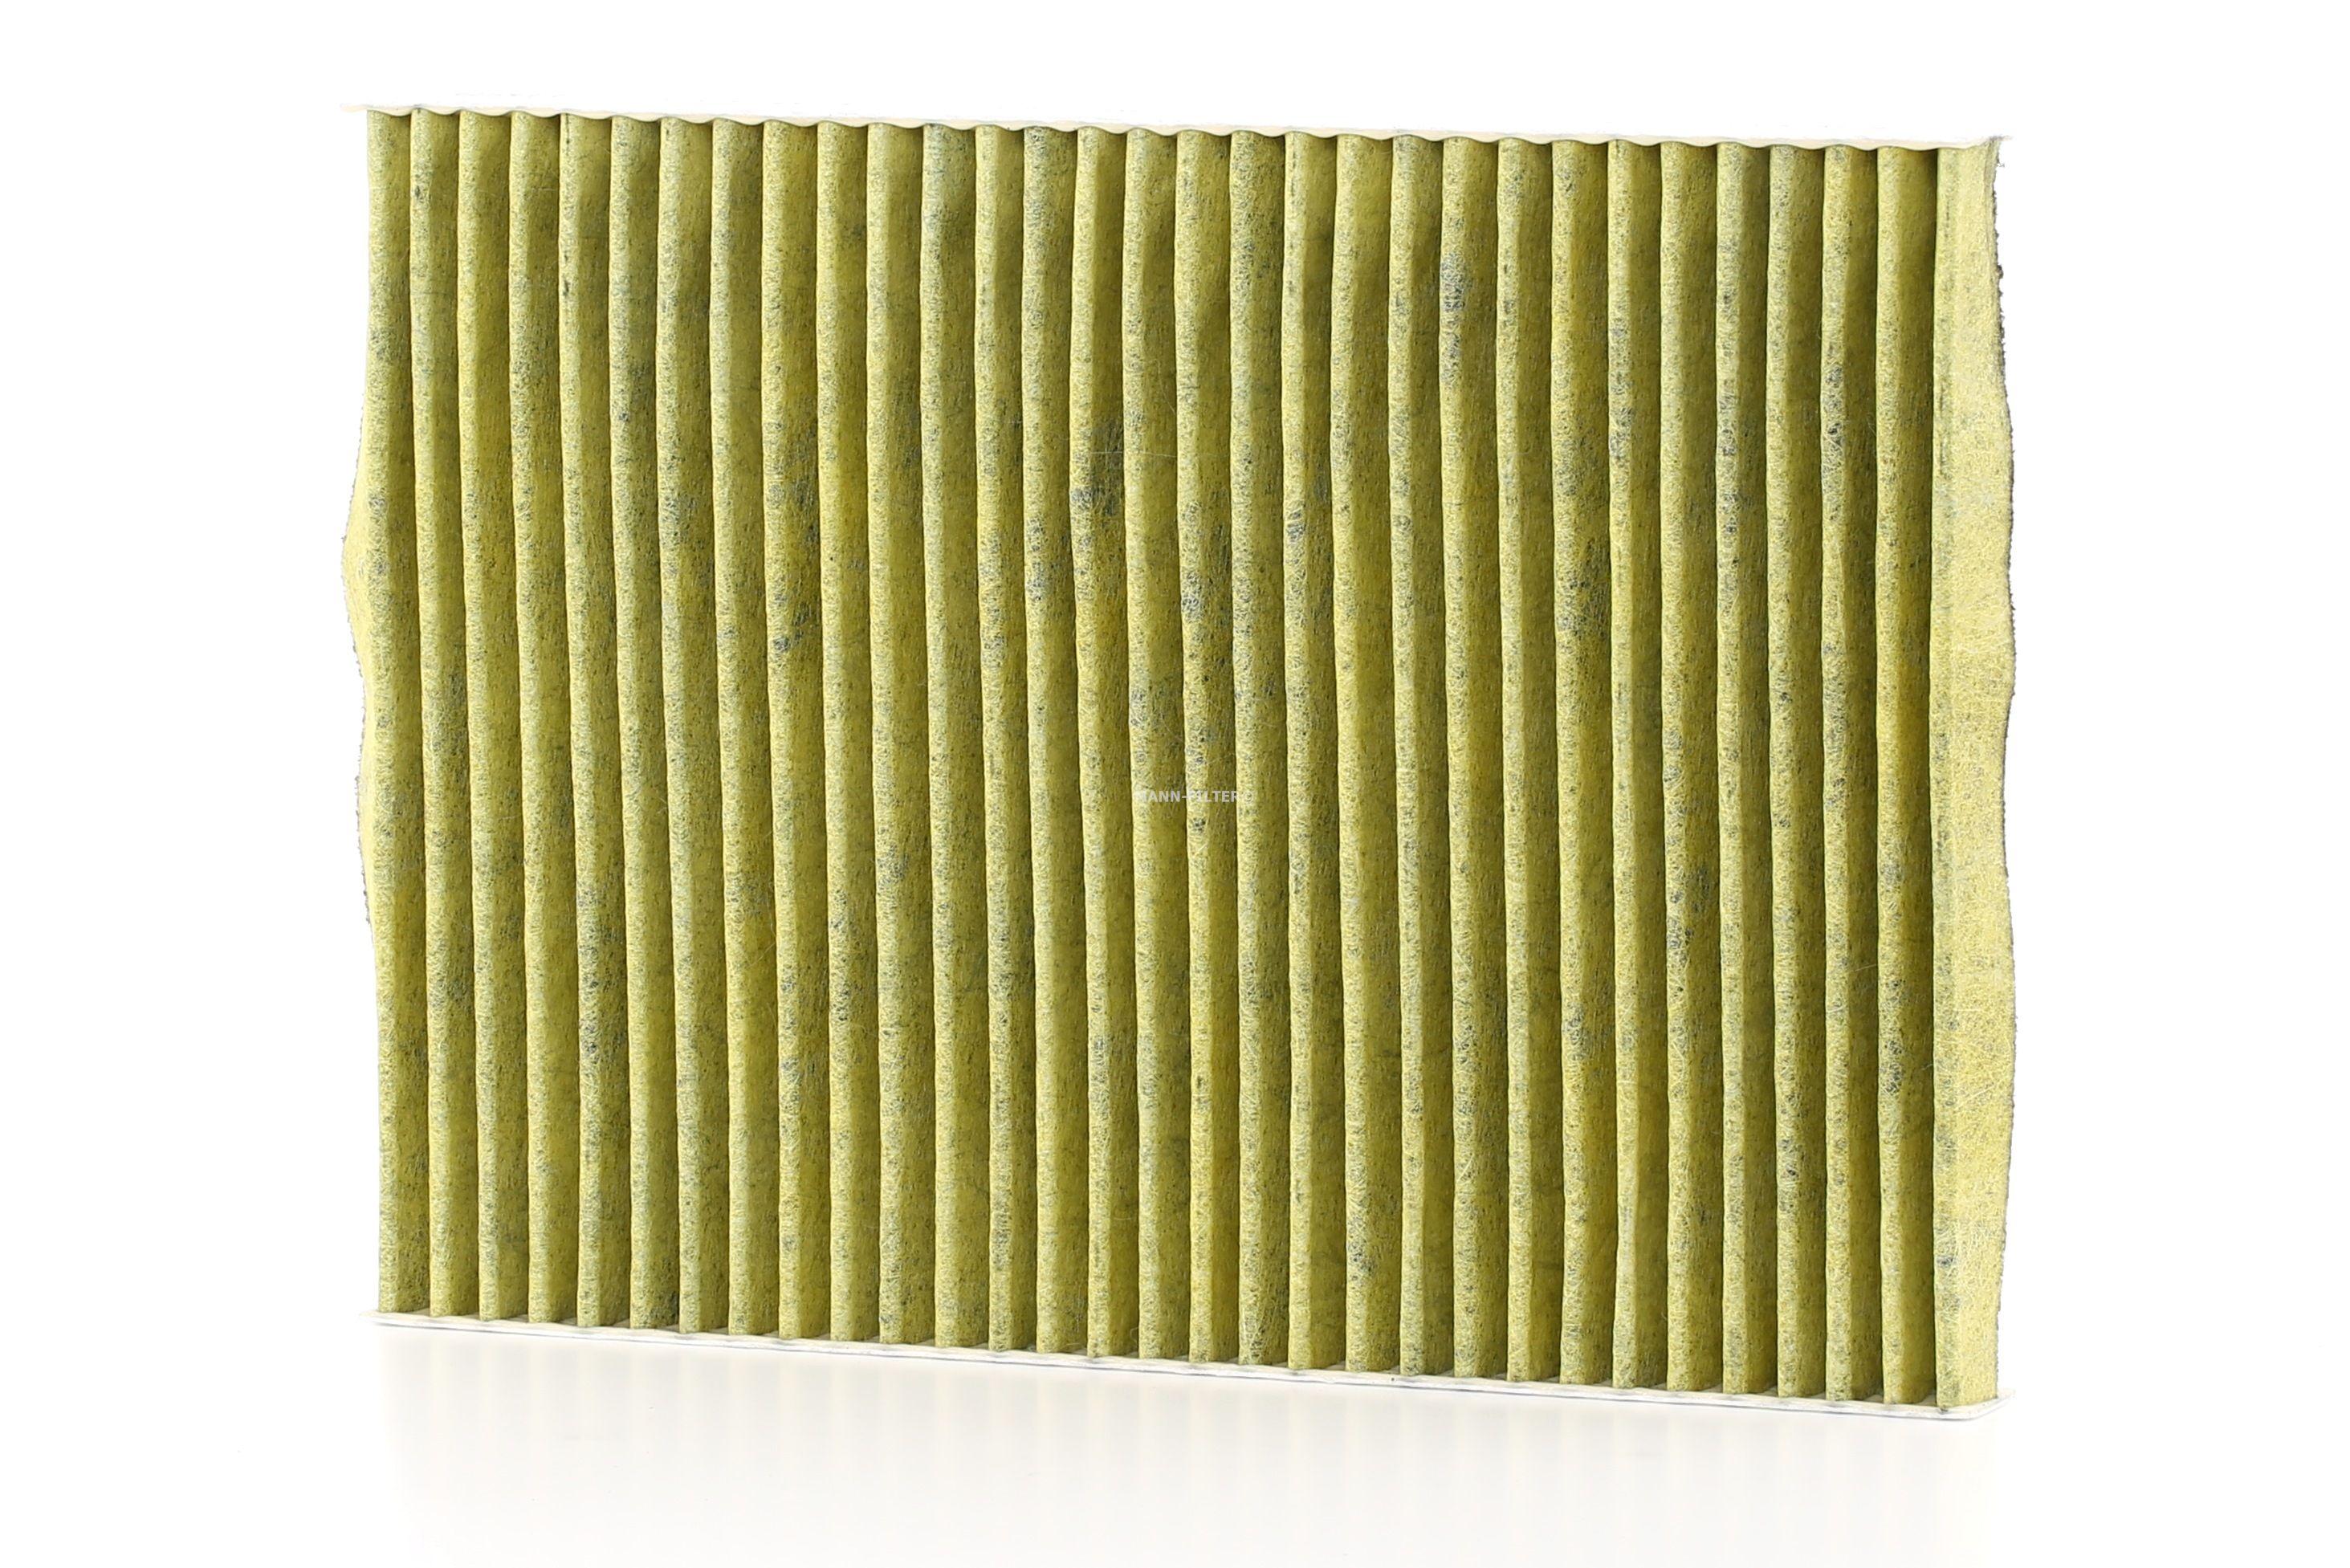 Pollenfilter MANN-FILTER FP 2862 Bewertung